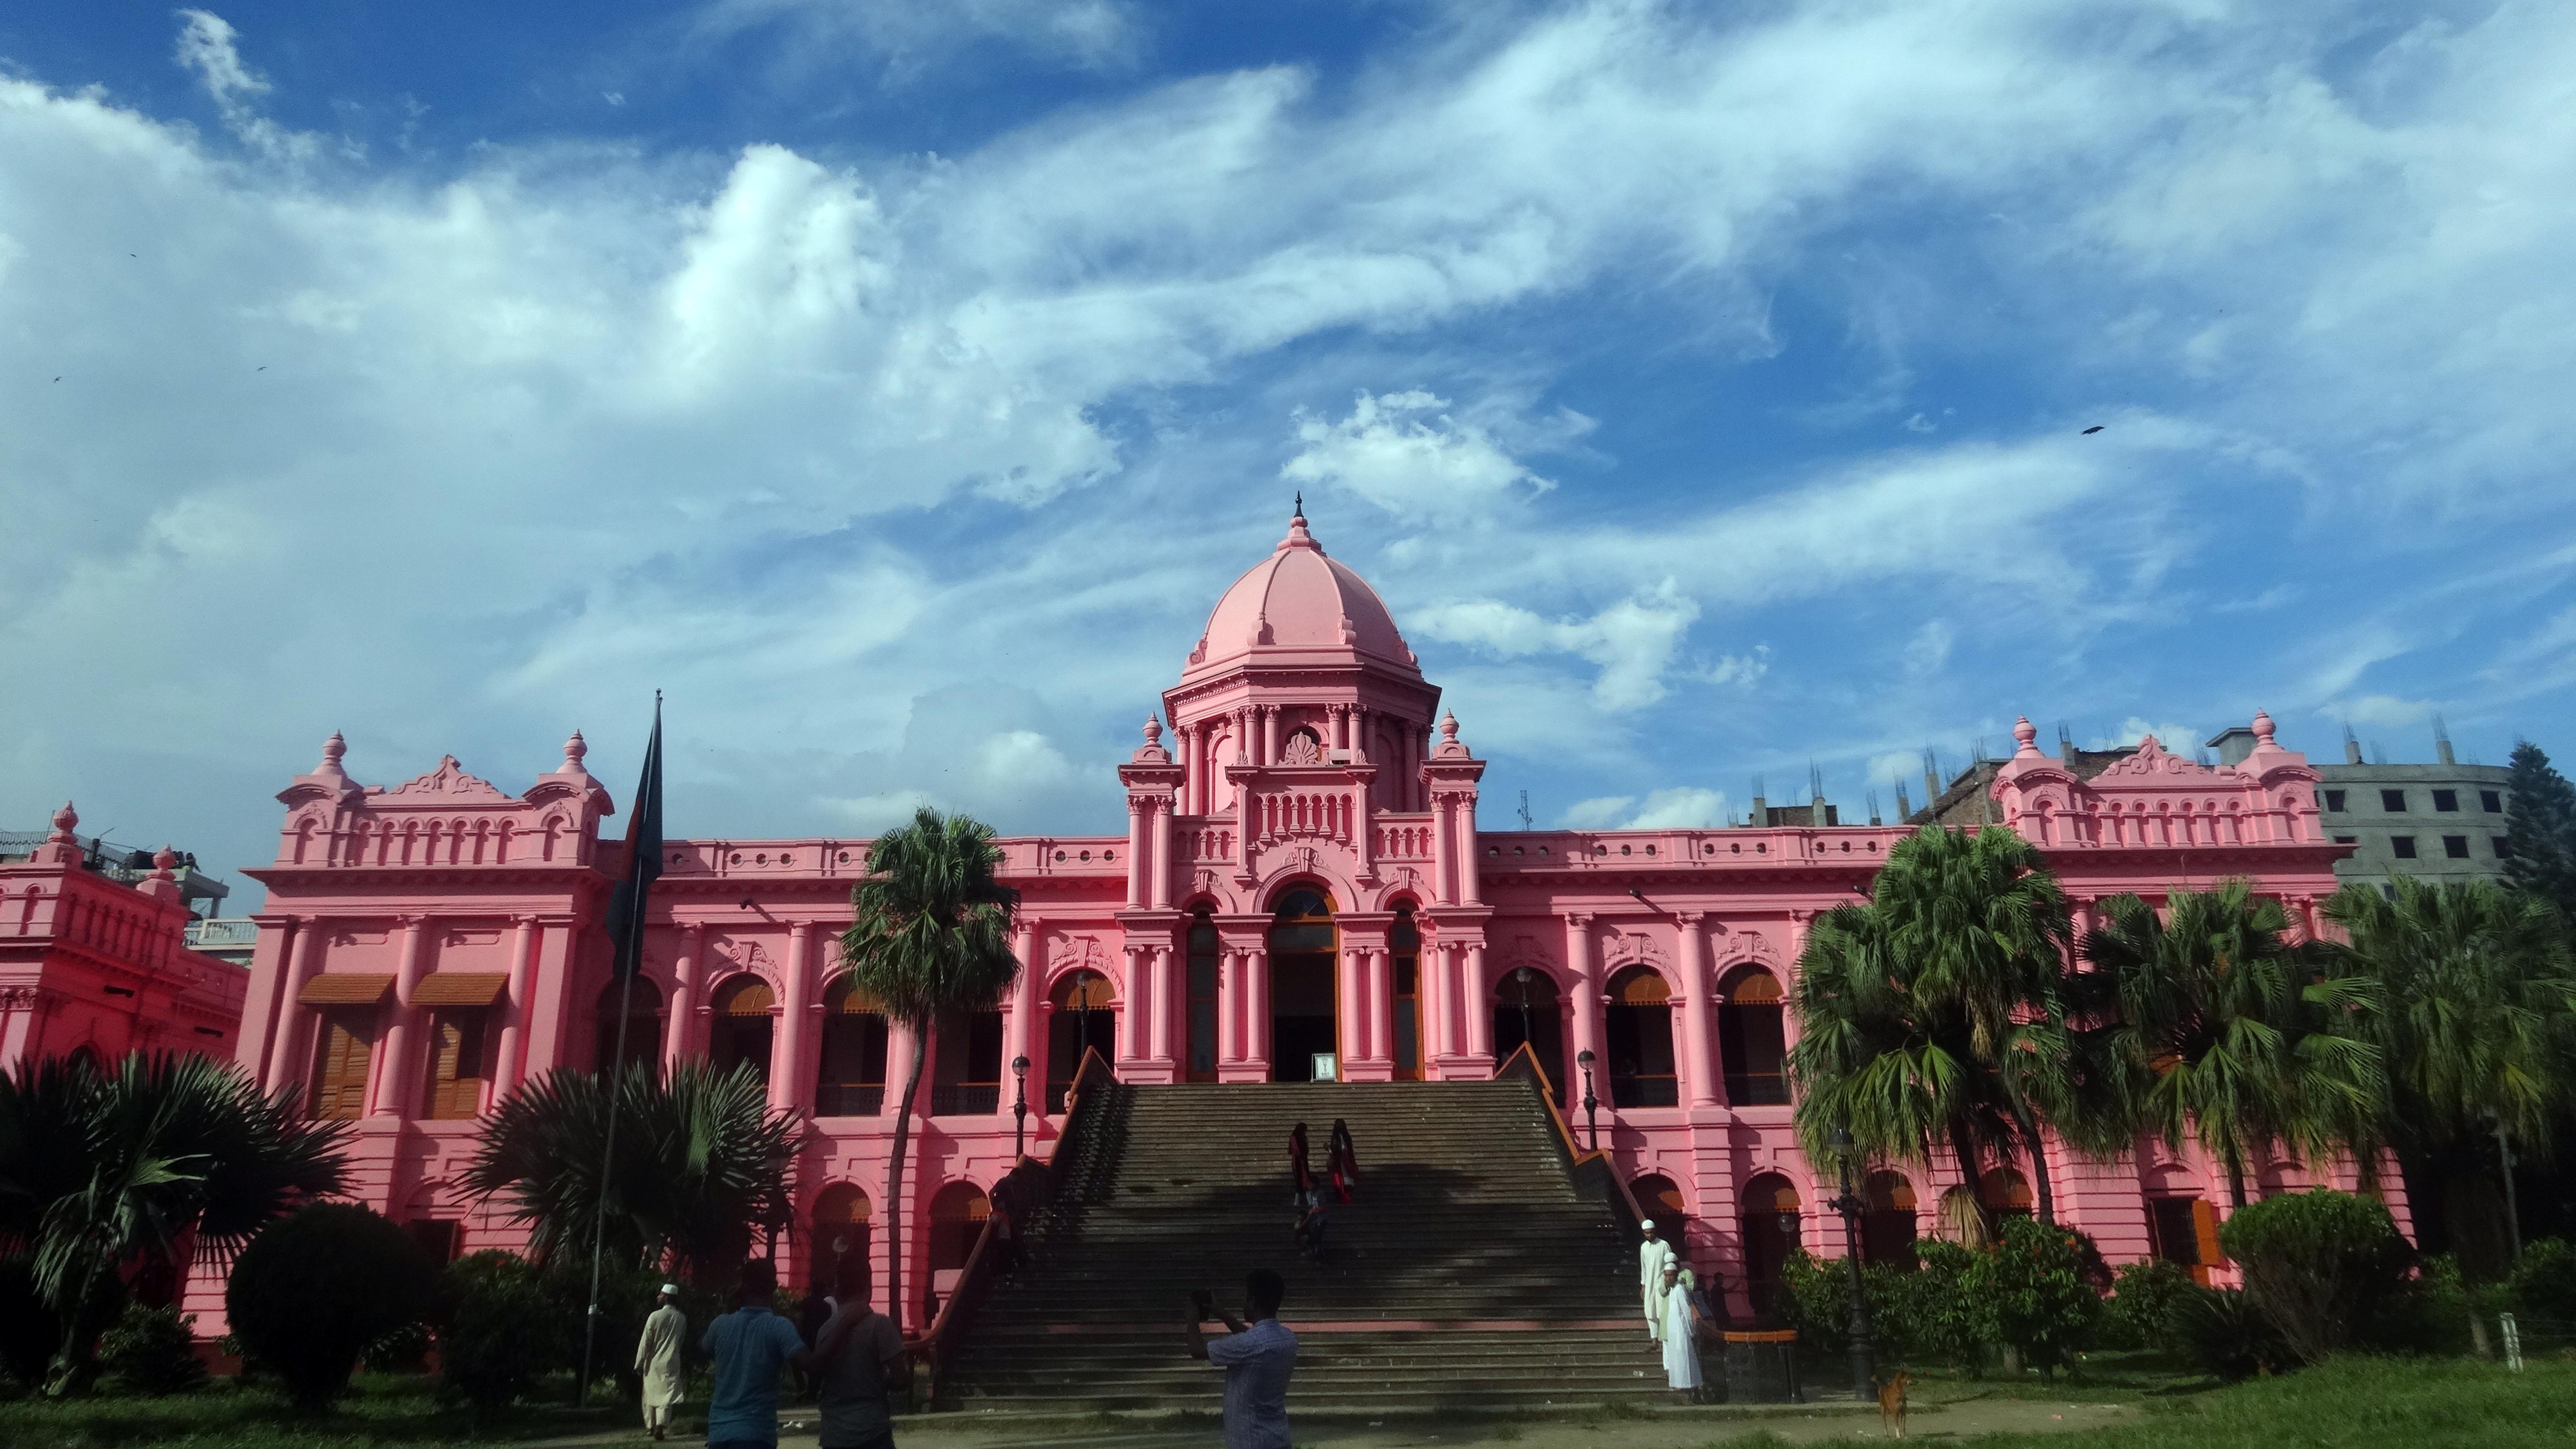 розовый дворец фото почти